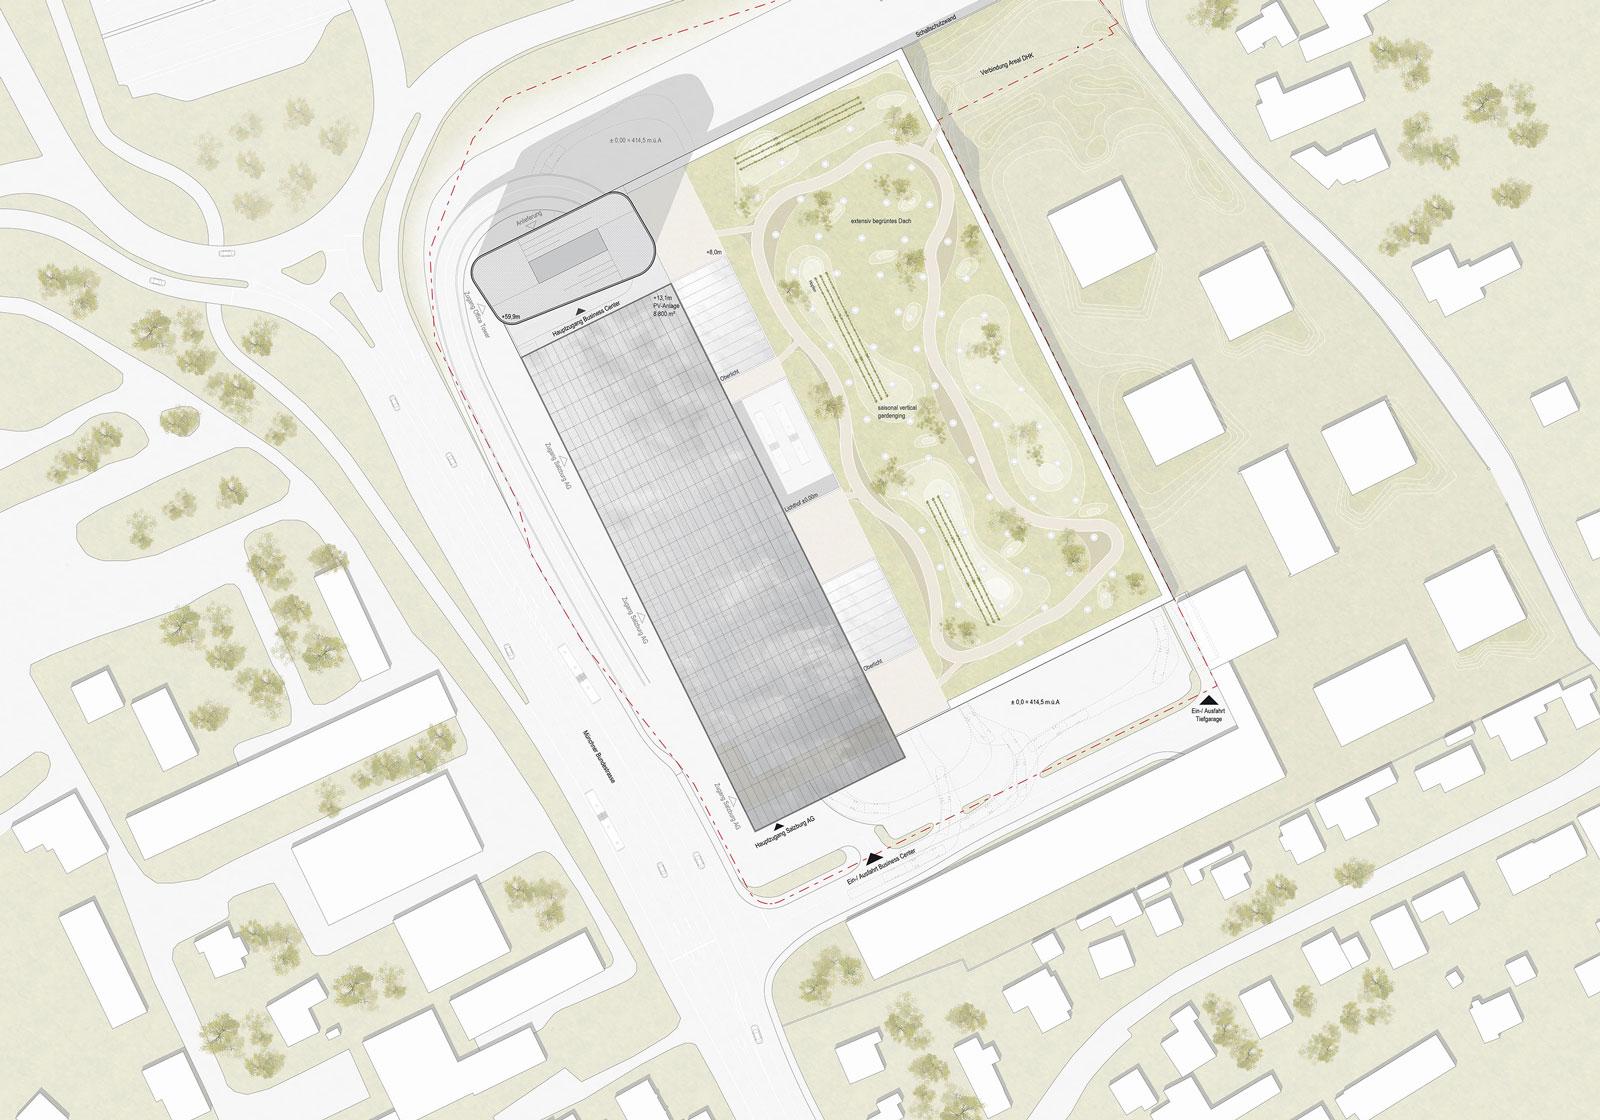 Städtebaulich fügt sich das Business Center Salzburg Mitte ideal in die angrenzende Wohnsiedlung ein. Visualisierung: ATP Innsbruck